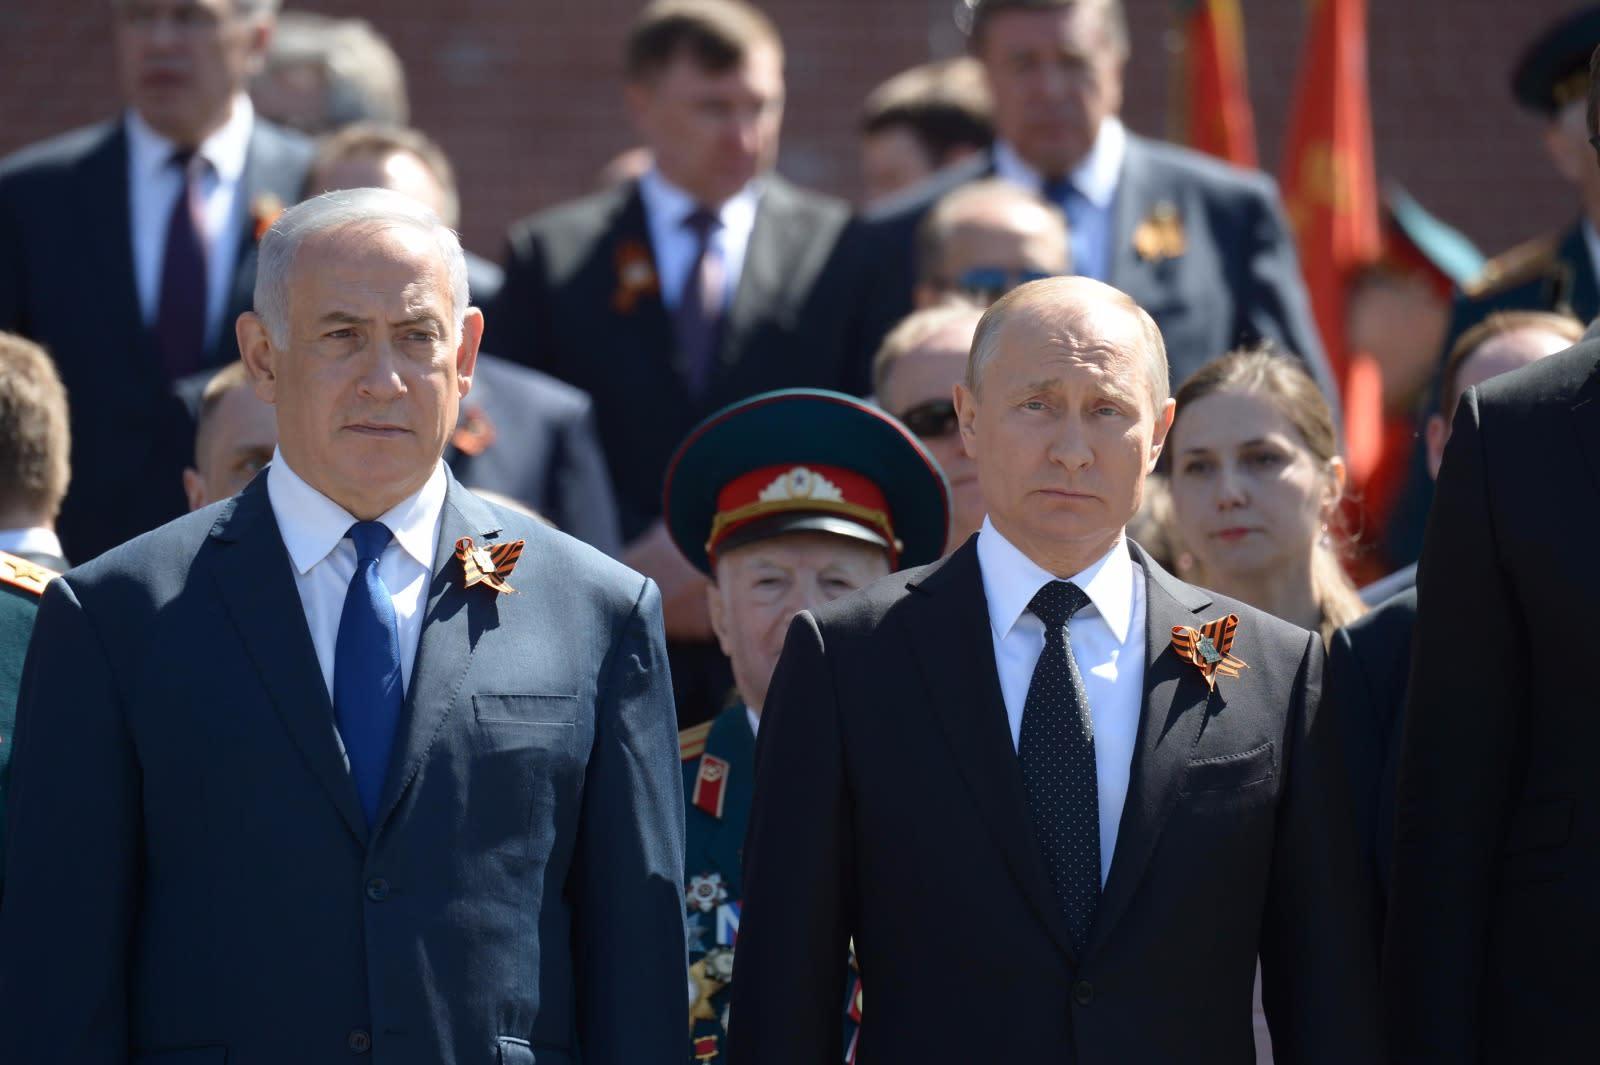 Liderul rus, Vladimir Putin, s-a bucurat de prezența premierului israelian Benjamin Netanyahu la festivitățile din data de 9 mai